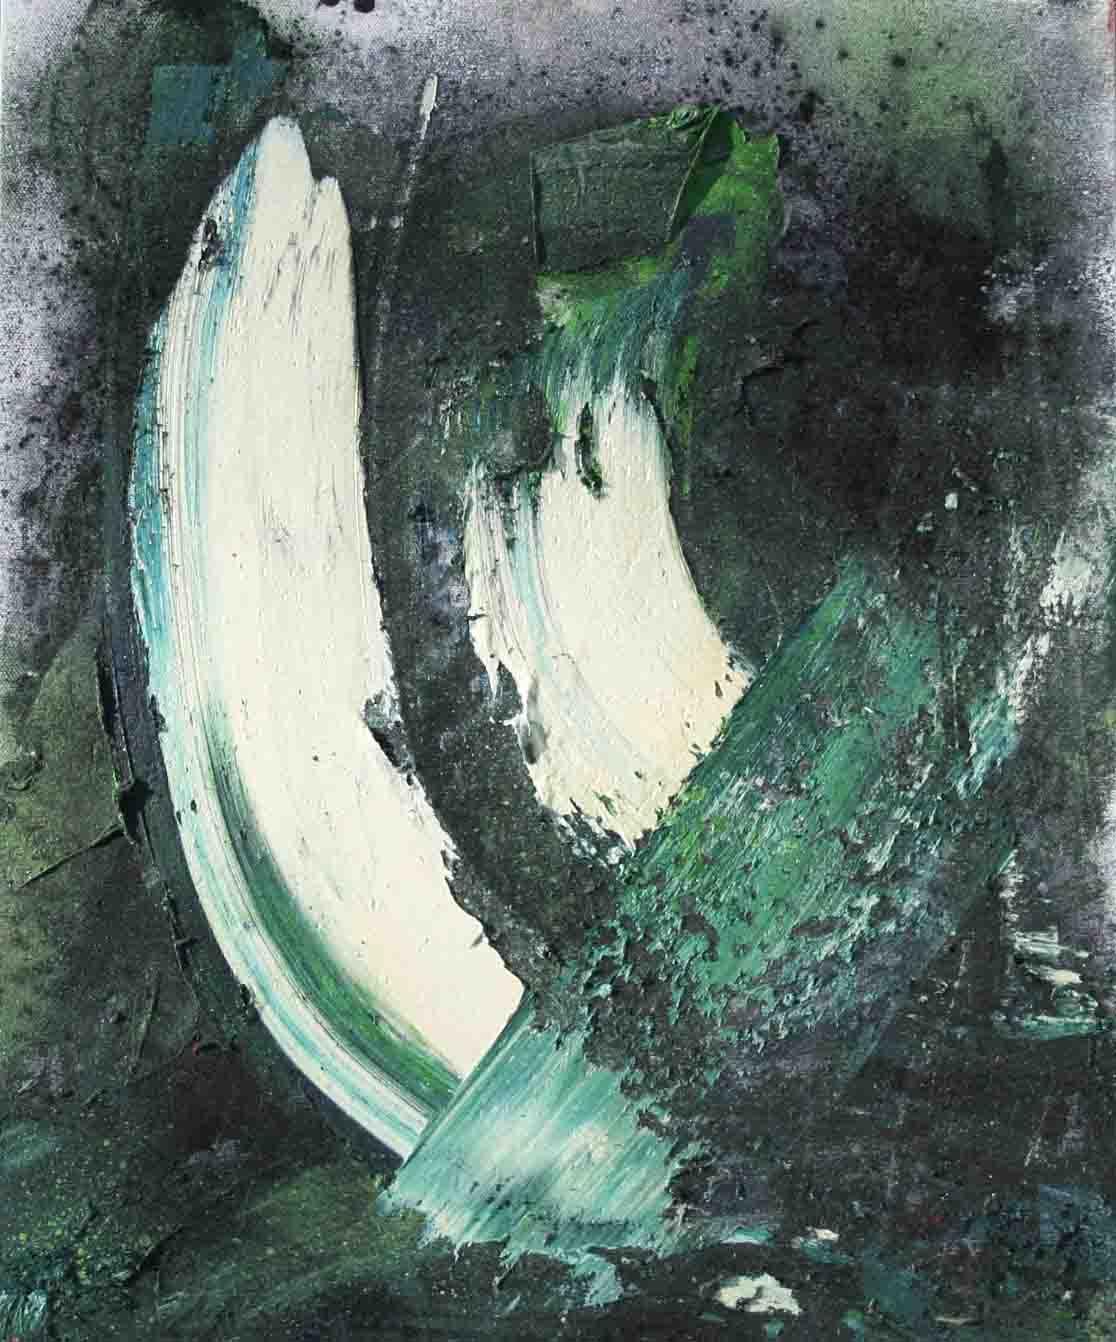 tableau abstrait en blanc, vert et noir